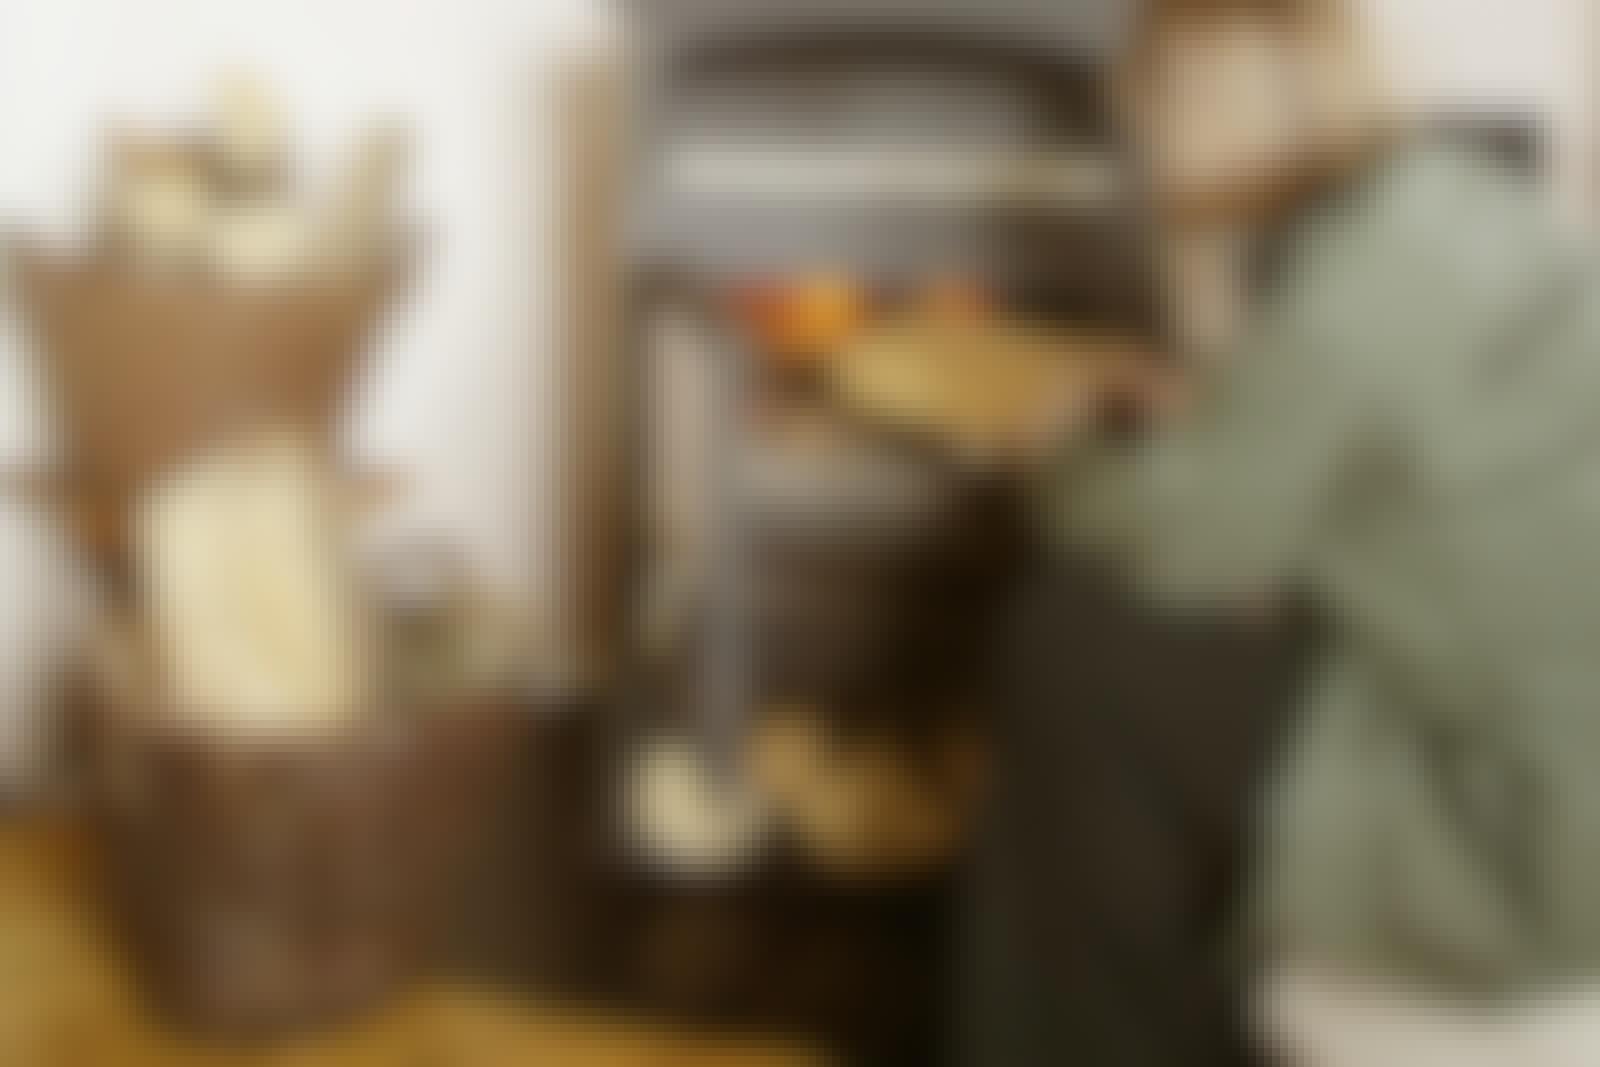 Inredning bästa kaminen : Braskamin – varför tar sig inte elden?   Gör Det Själv